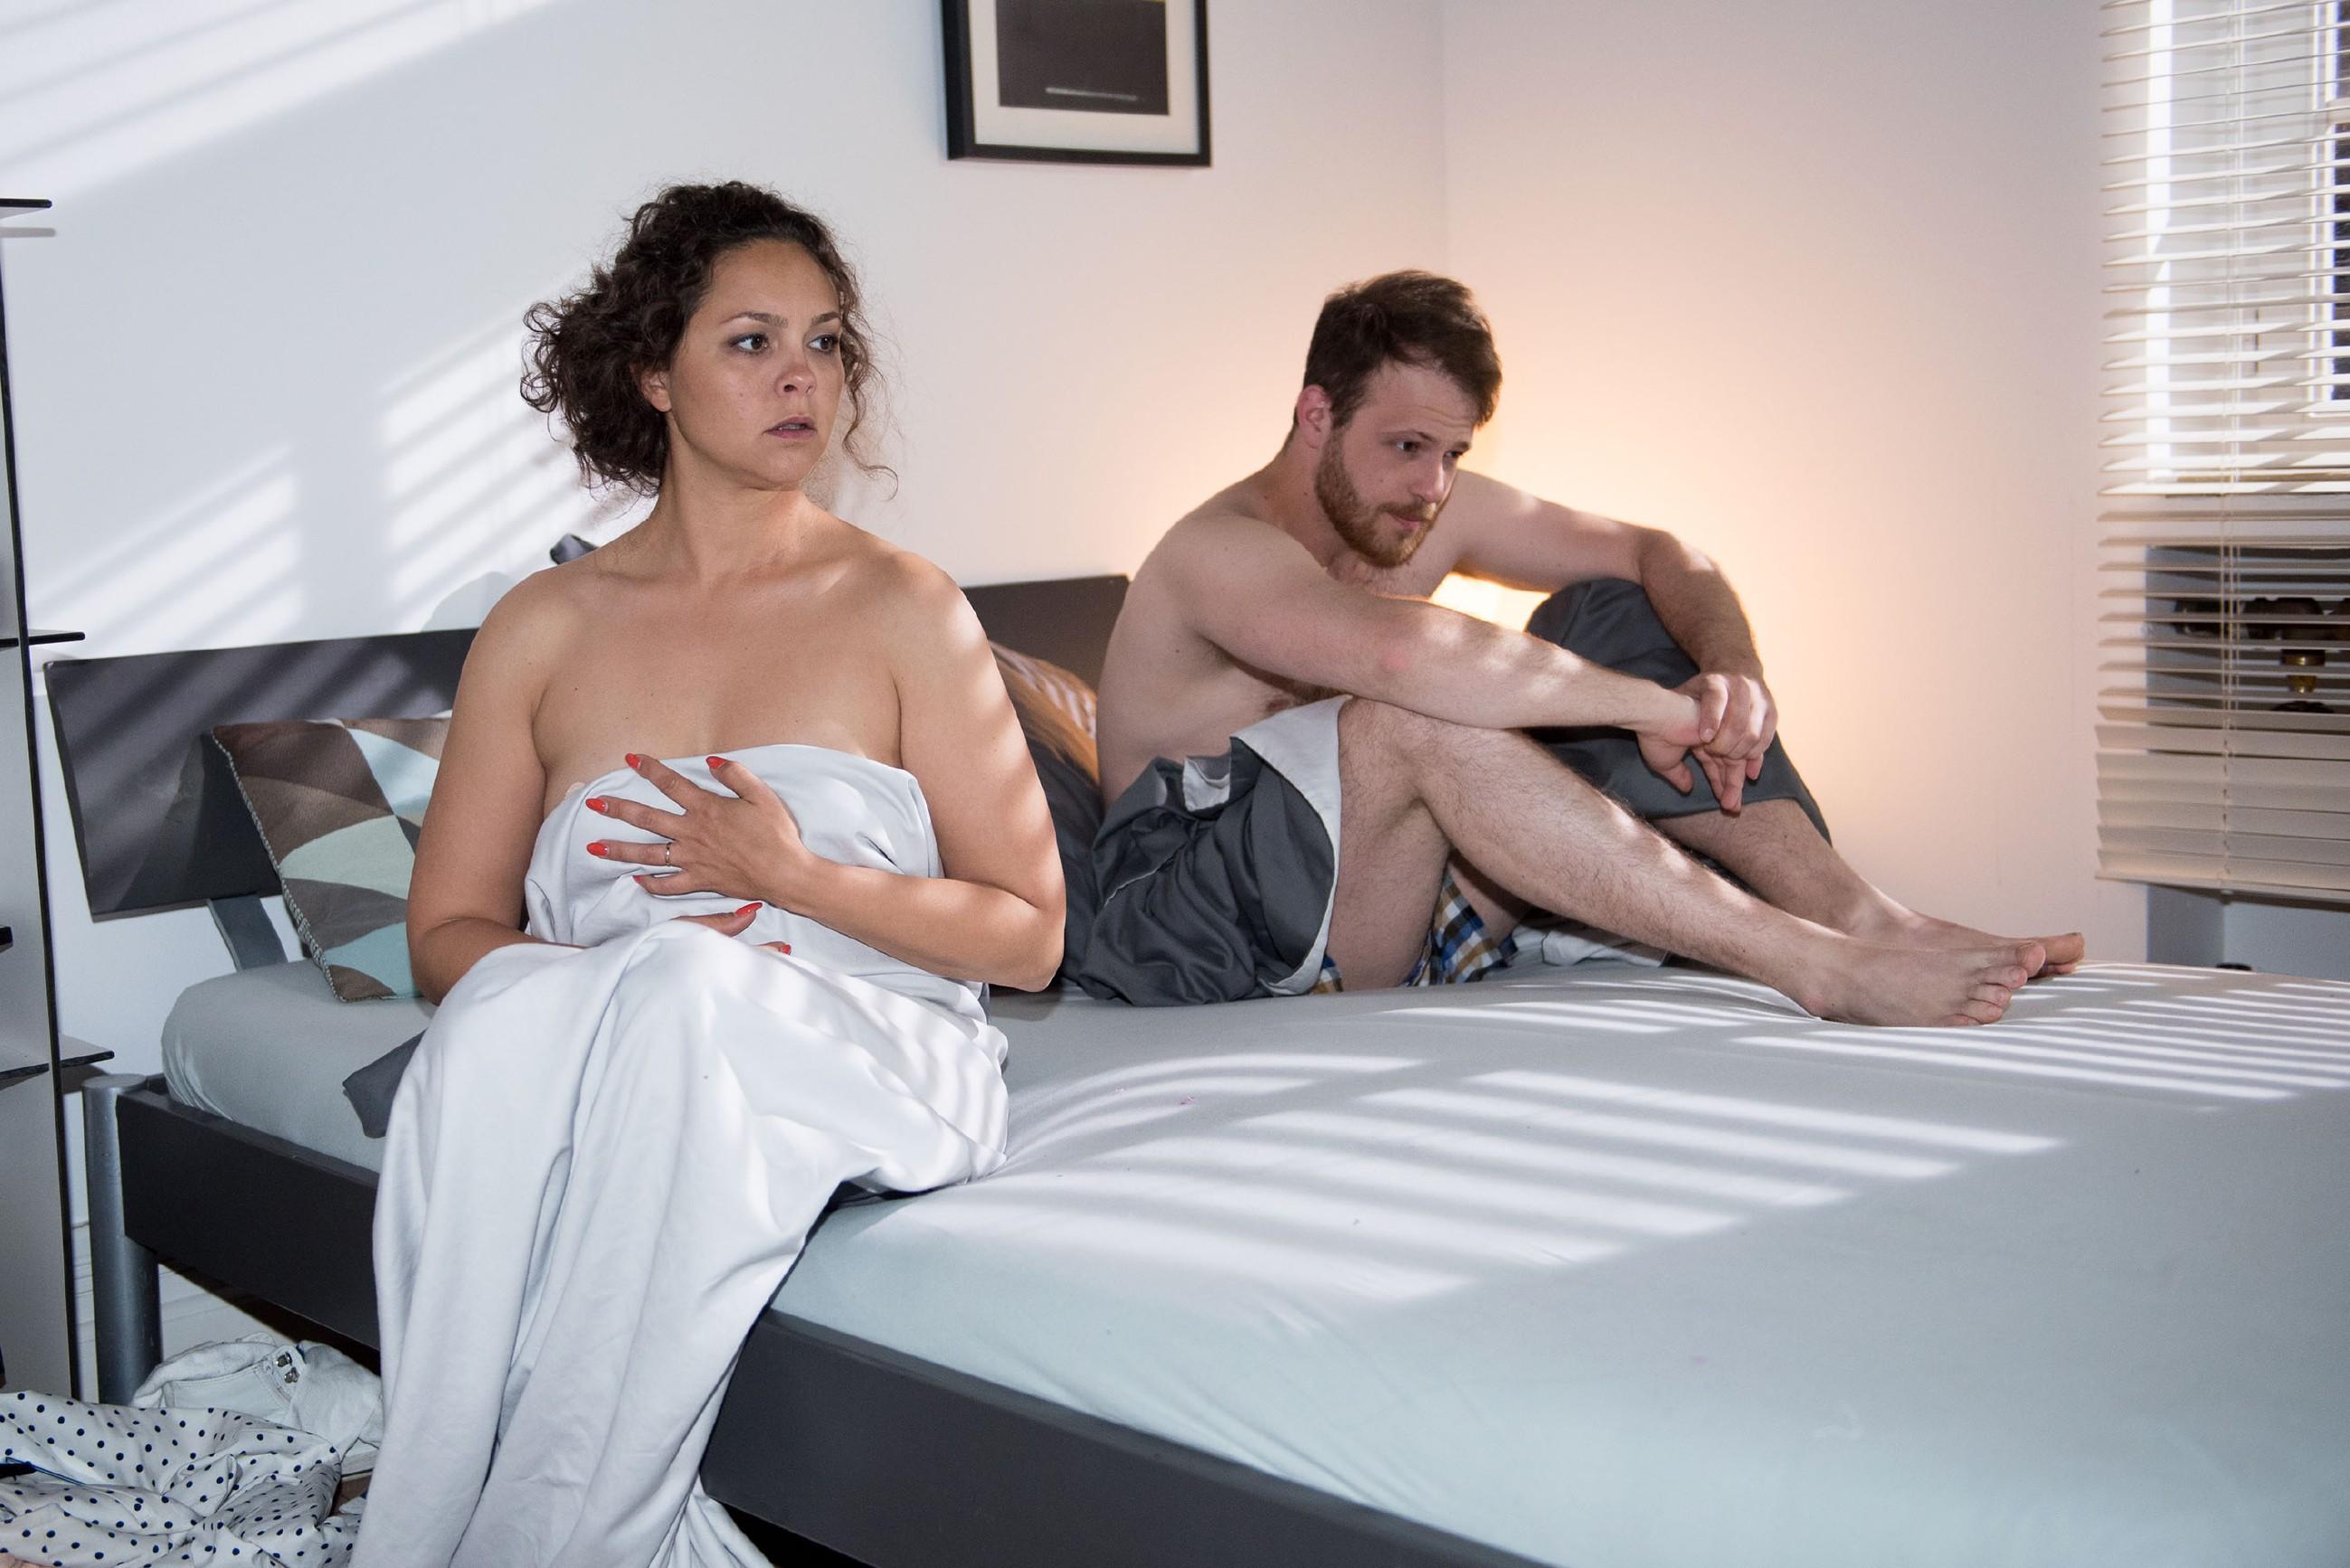 Caro (Ines Kurenbach) ist nach ihrem Seitensprung mit Tobias (Patrick Müller) fassungslos und quält sich mit ihrem schlechten Gewissen... (Quelle: RTL / Stefan Behrens)